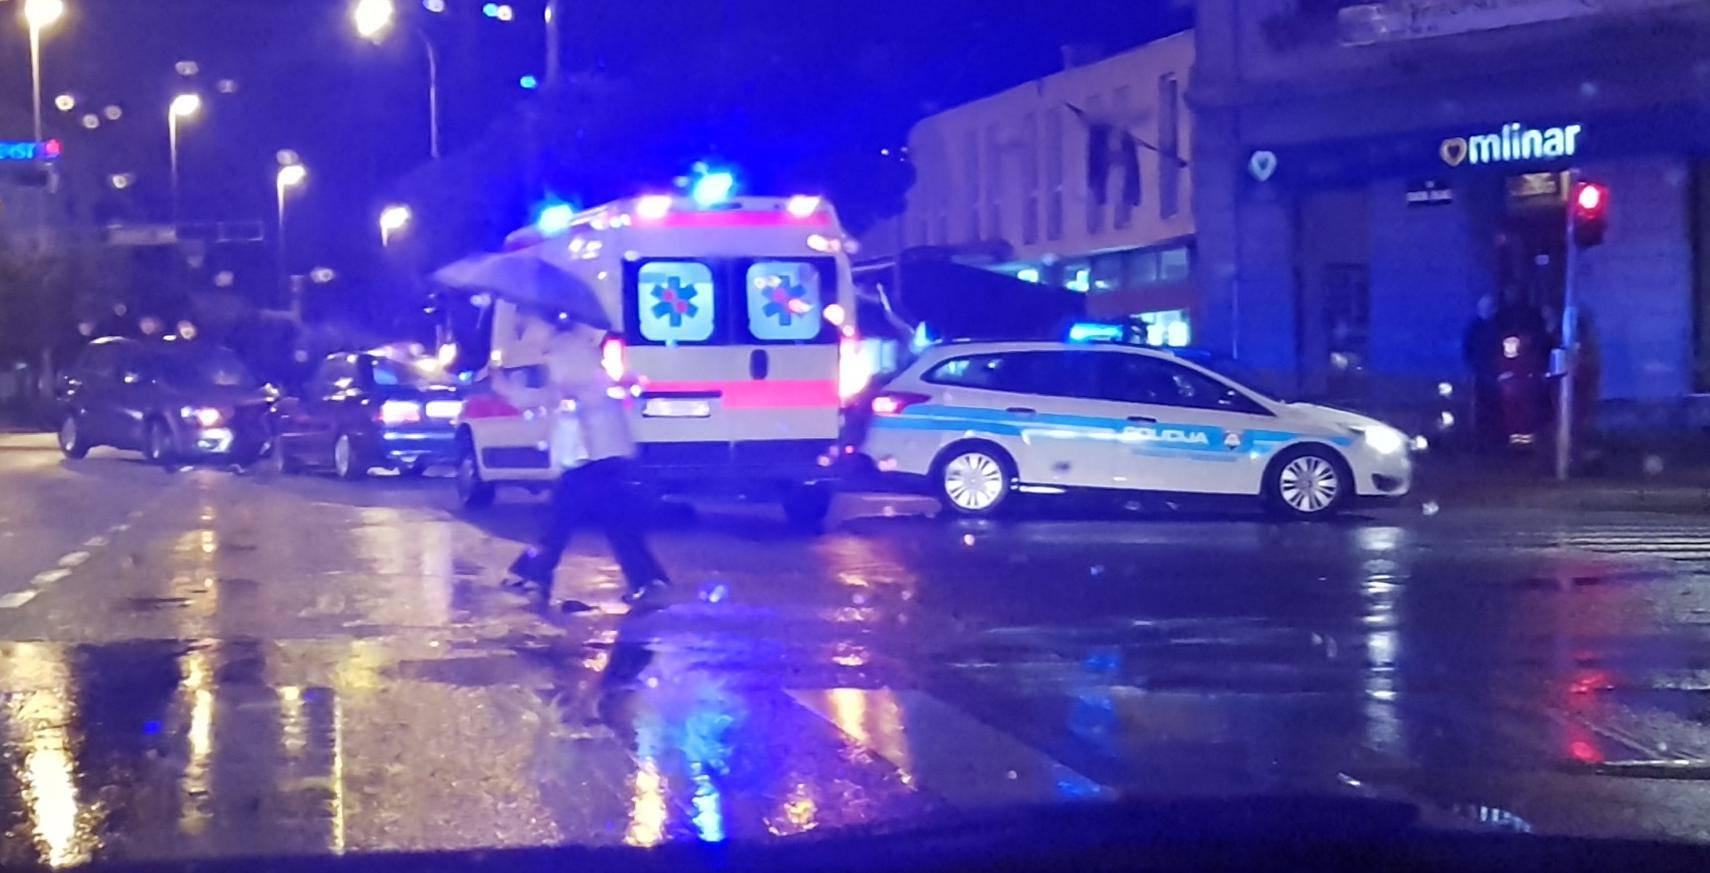 Sudarila se dva auta: Nitko nije ozlijeđen, šteta je materijalna